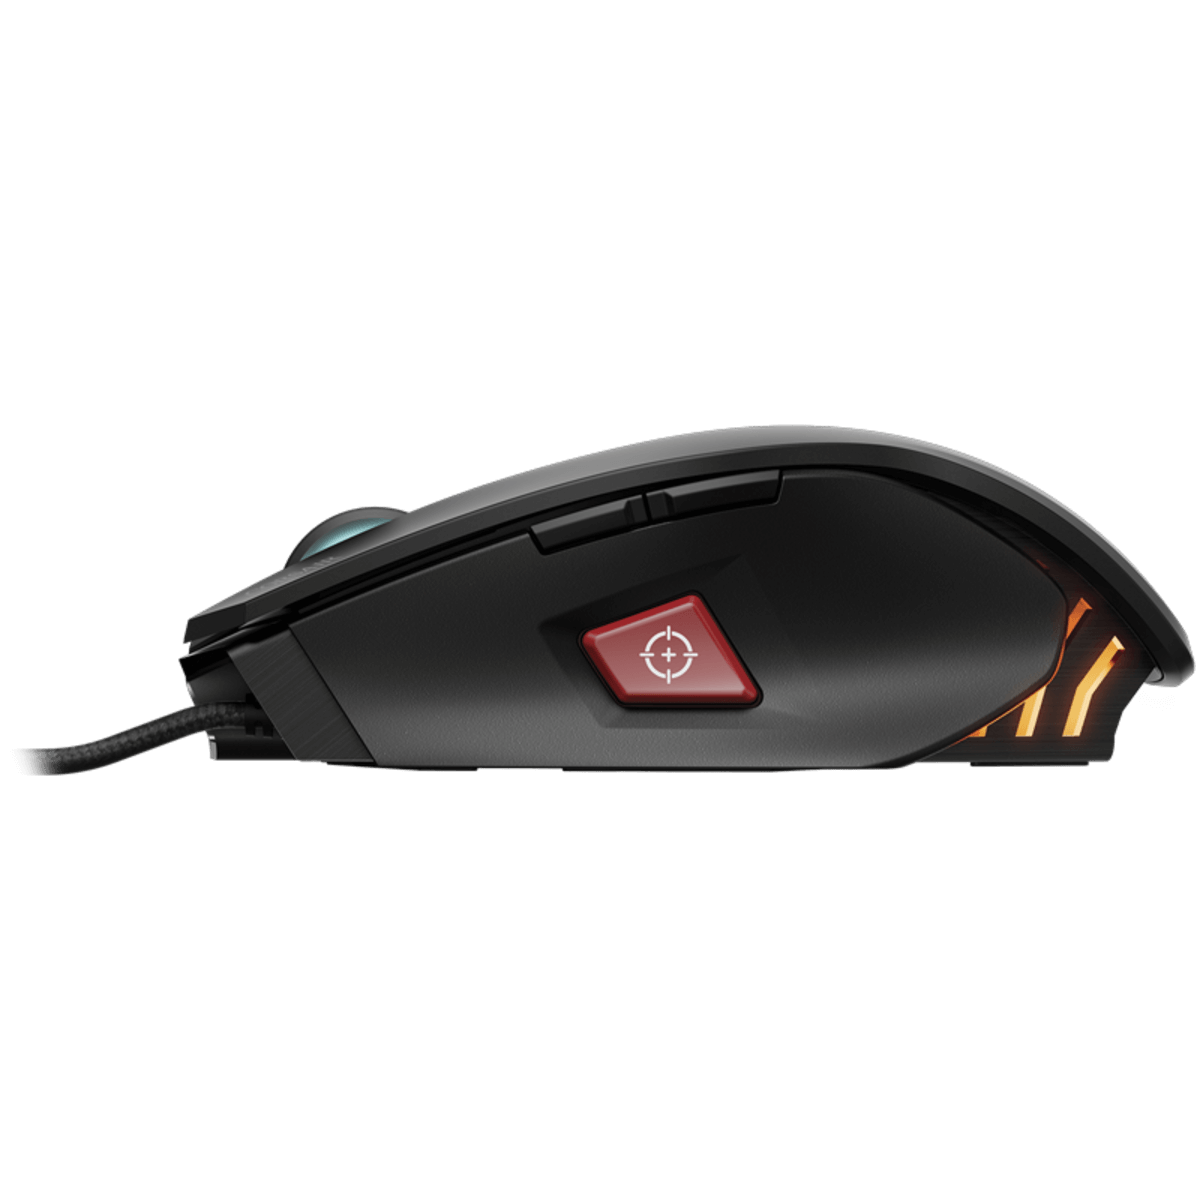 Mouse Gamer M65 Corsair Preto 12000 DPI PRO RGB - CH-9300011-NA